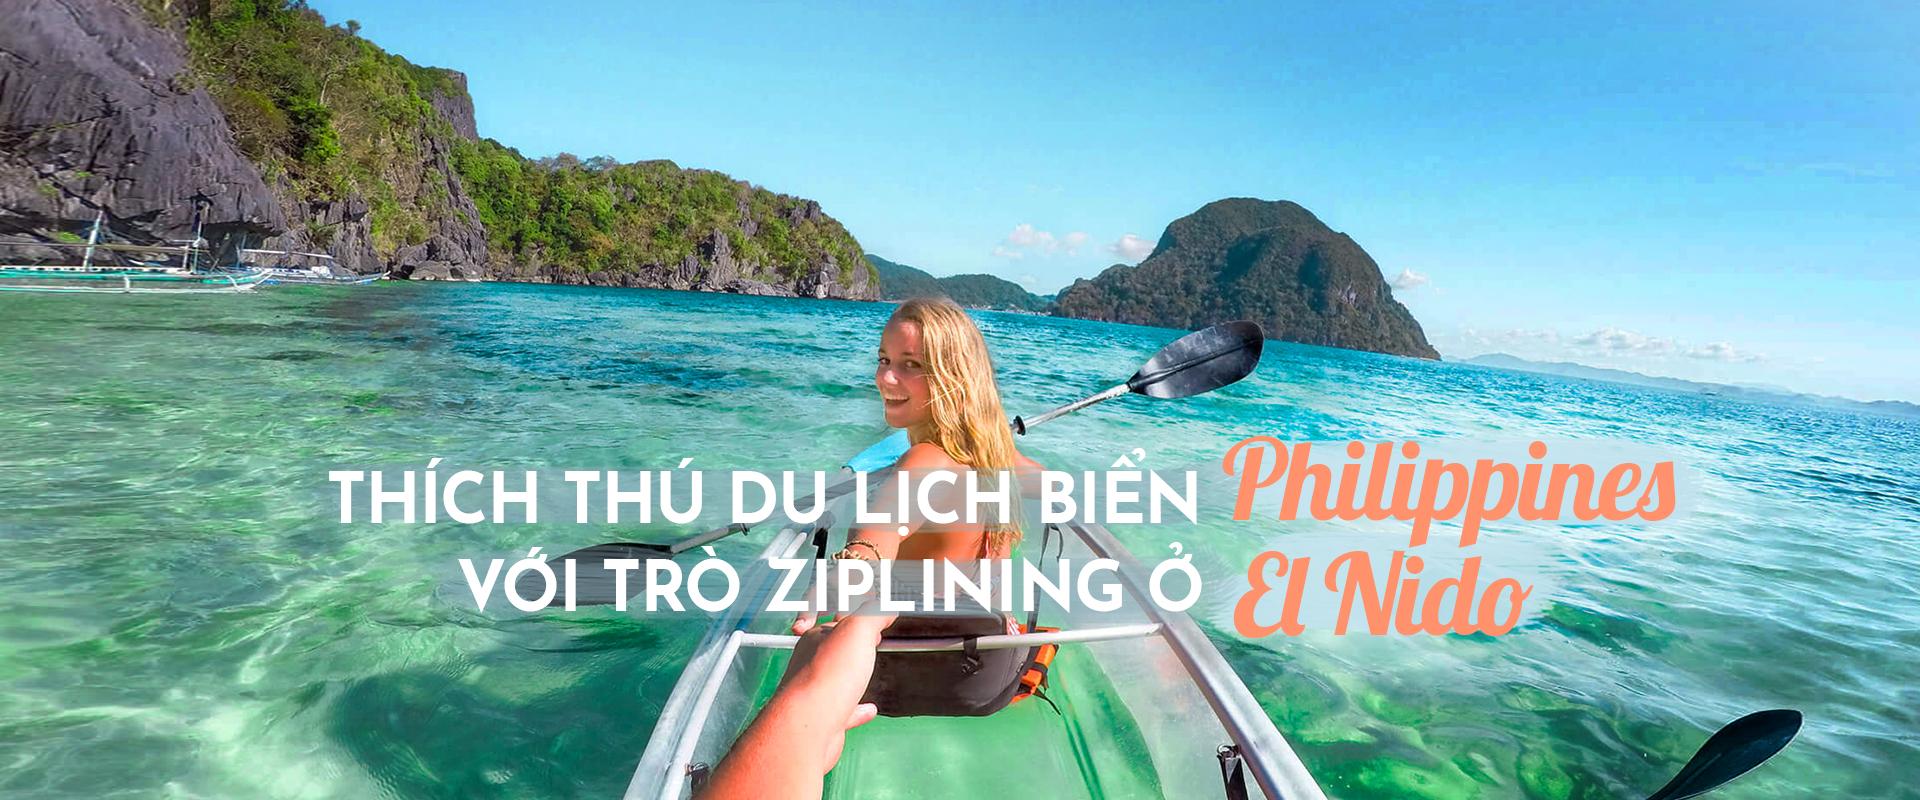 Thích thú du lịch biển Philippines với trò đu dây ở El Nido